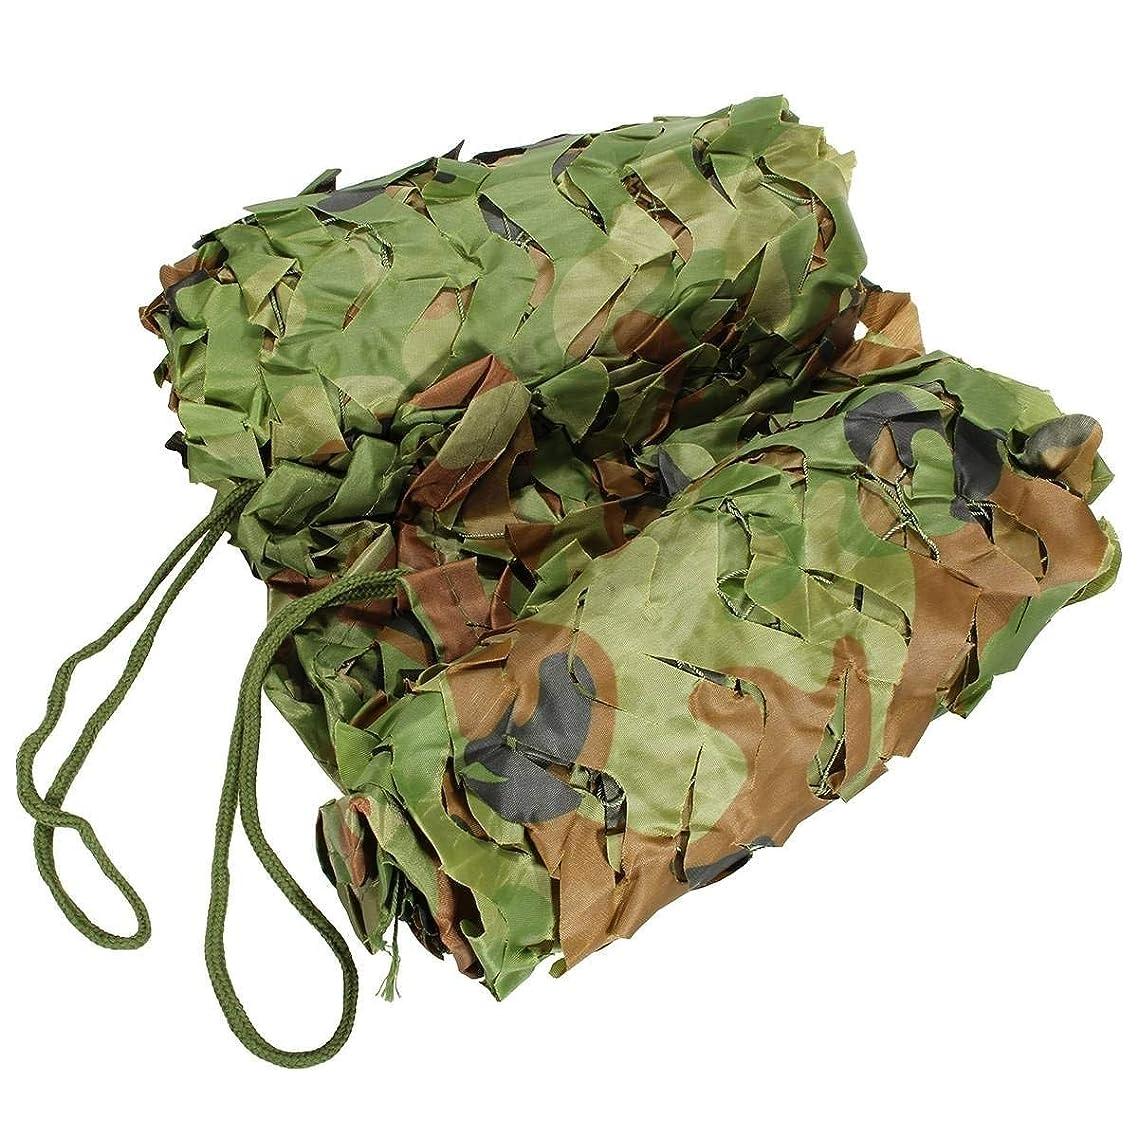 違反永久行く日焼け止めネット、迷彩ネット耐火テントオックスフォード布ブラインドオックスフォードテント、キャンプ陸軍隠し写真狩猟射撃2×3メートル様々なサイズを学ぶのに適した (Size : 10*10M(32.8*32.8ft))